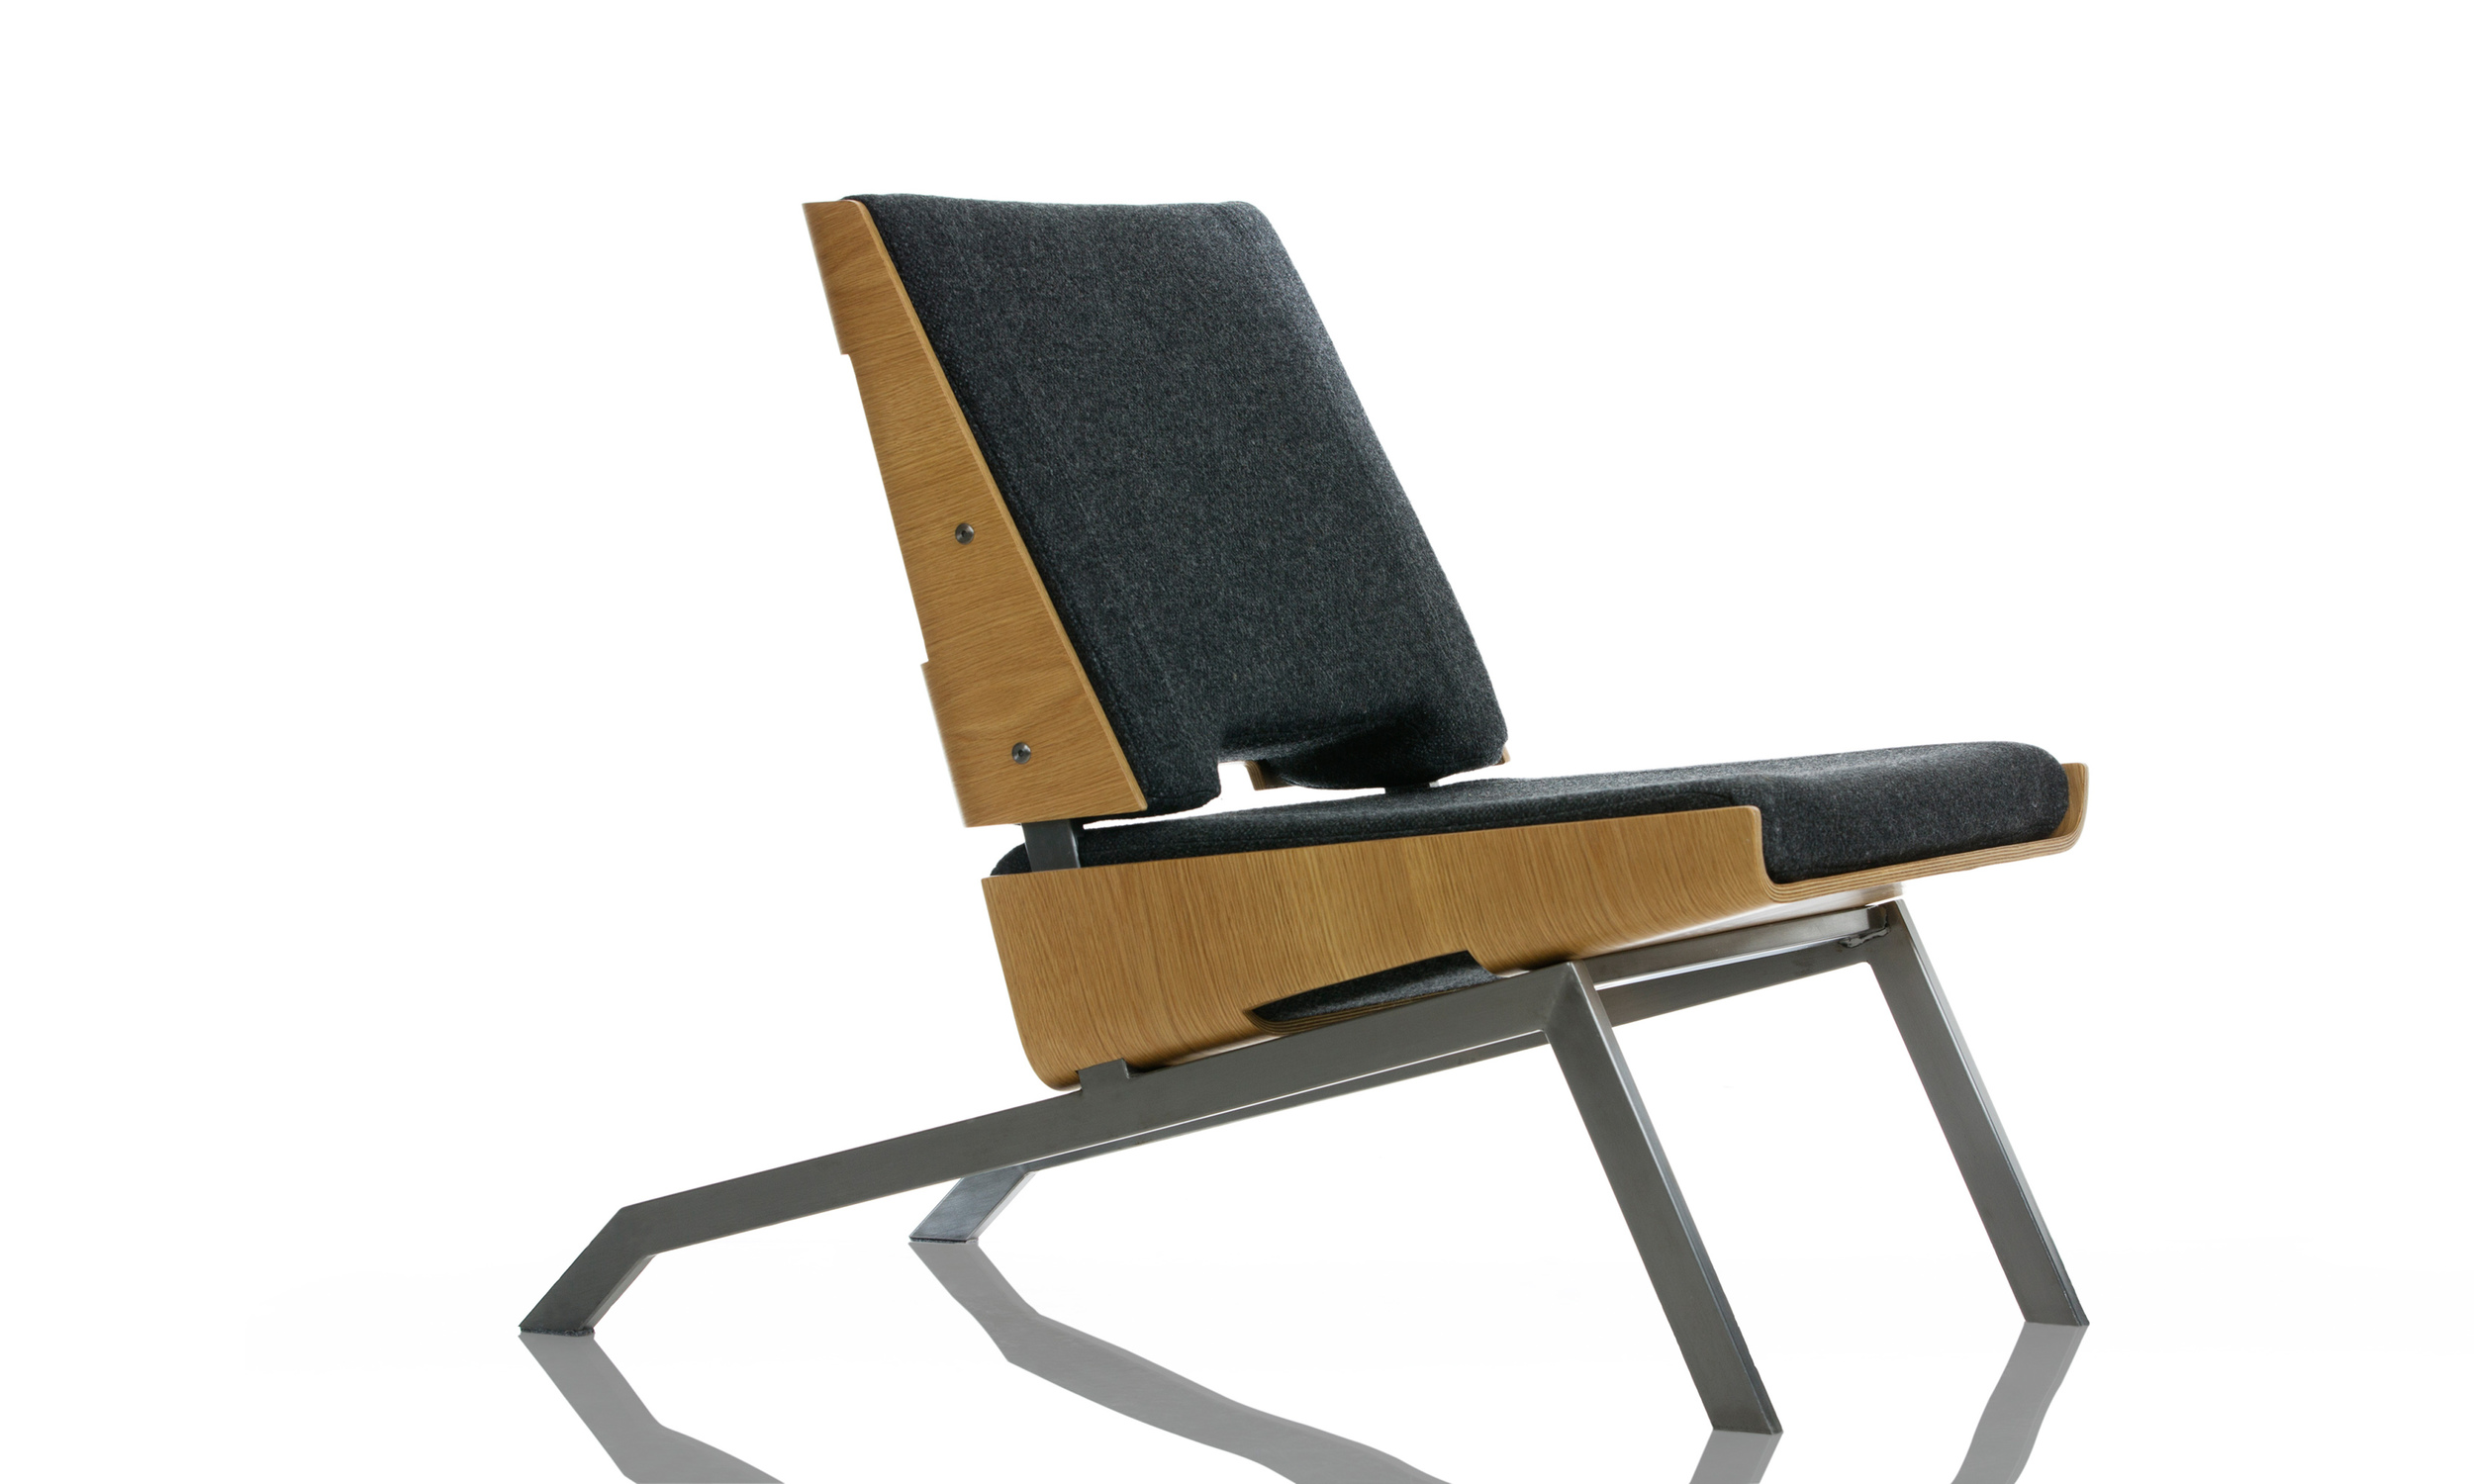 LN1   er en stol   som er designet   for det offentlige rom , hoteller, og  salonger   generelt.    Stolen   er laget av laminert   eik , børstet  stål og   polyuretanskum ,  trukket med   norsk ull .  